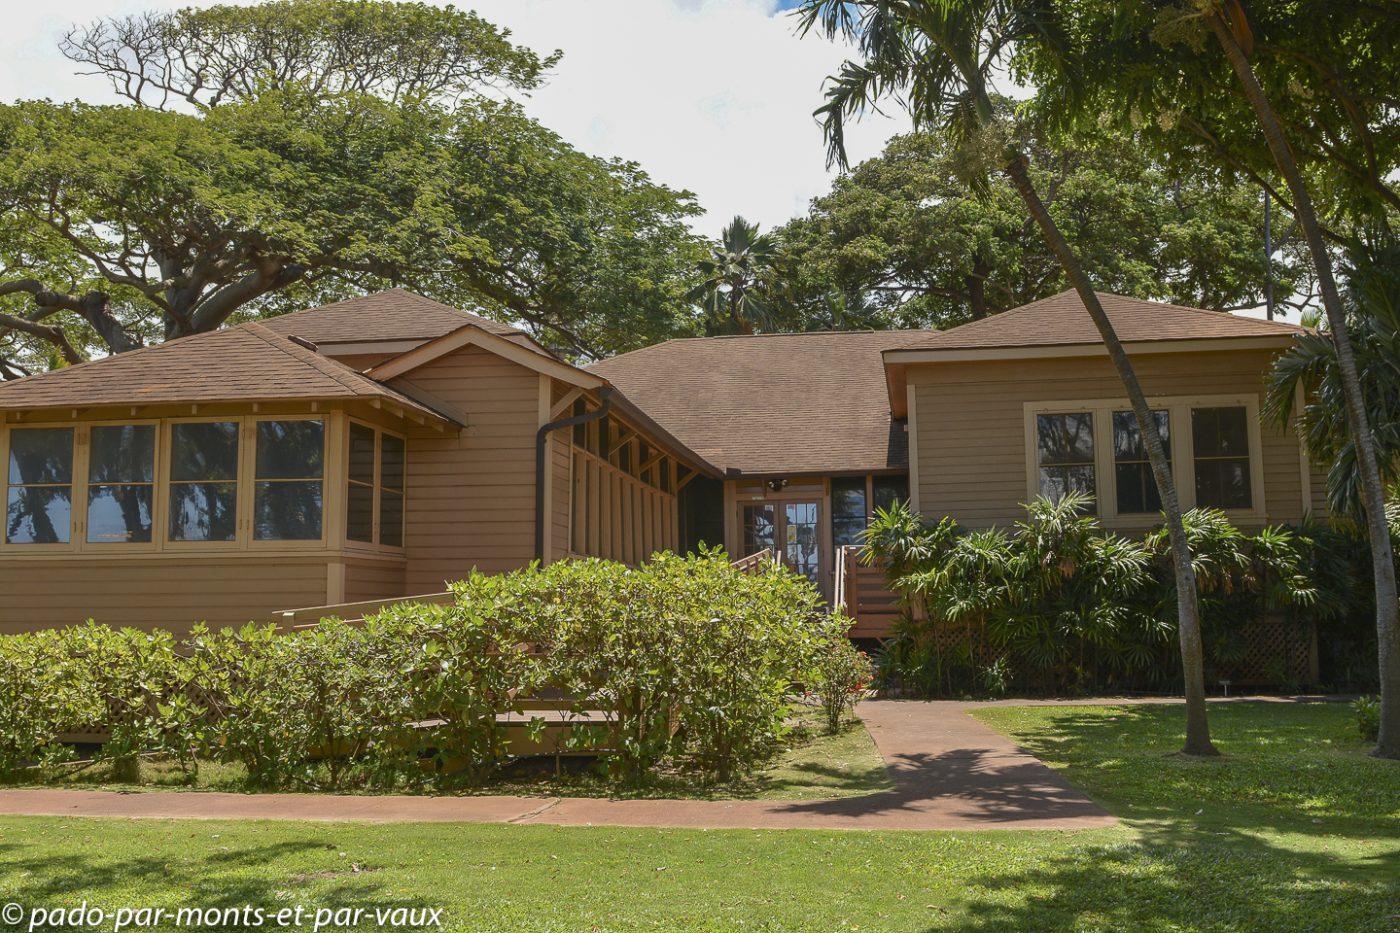 Maui - Musée de la canne à sucre